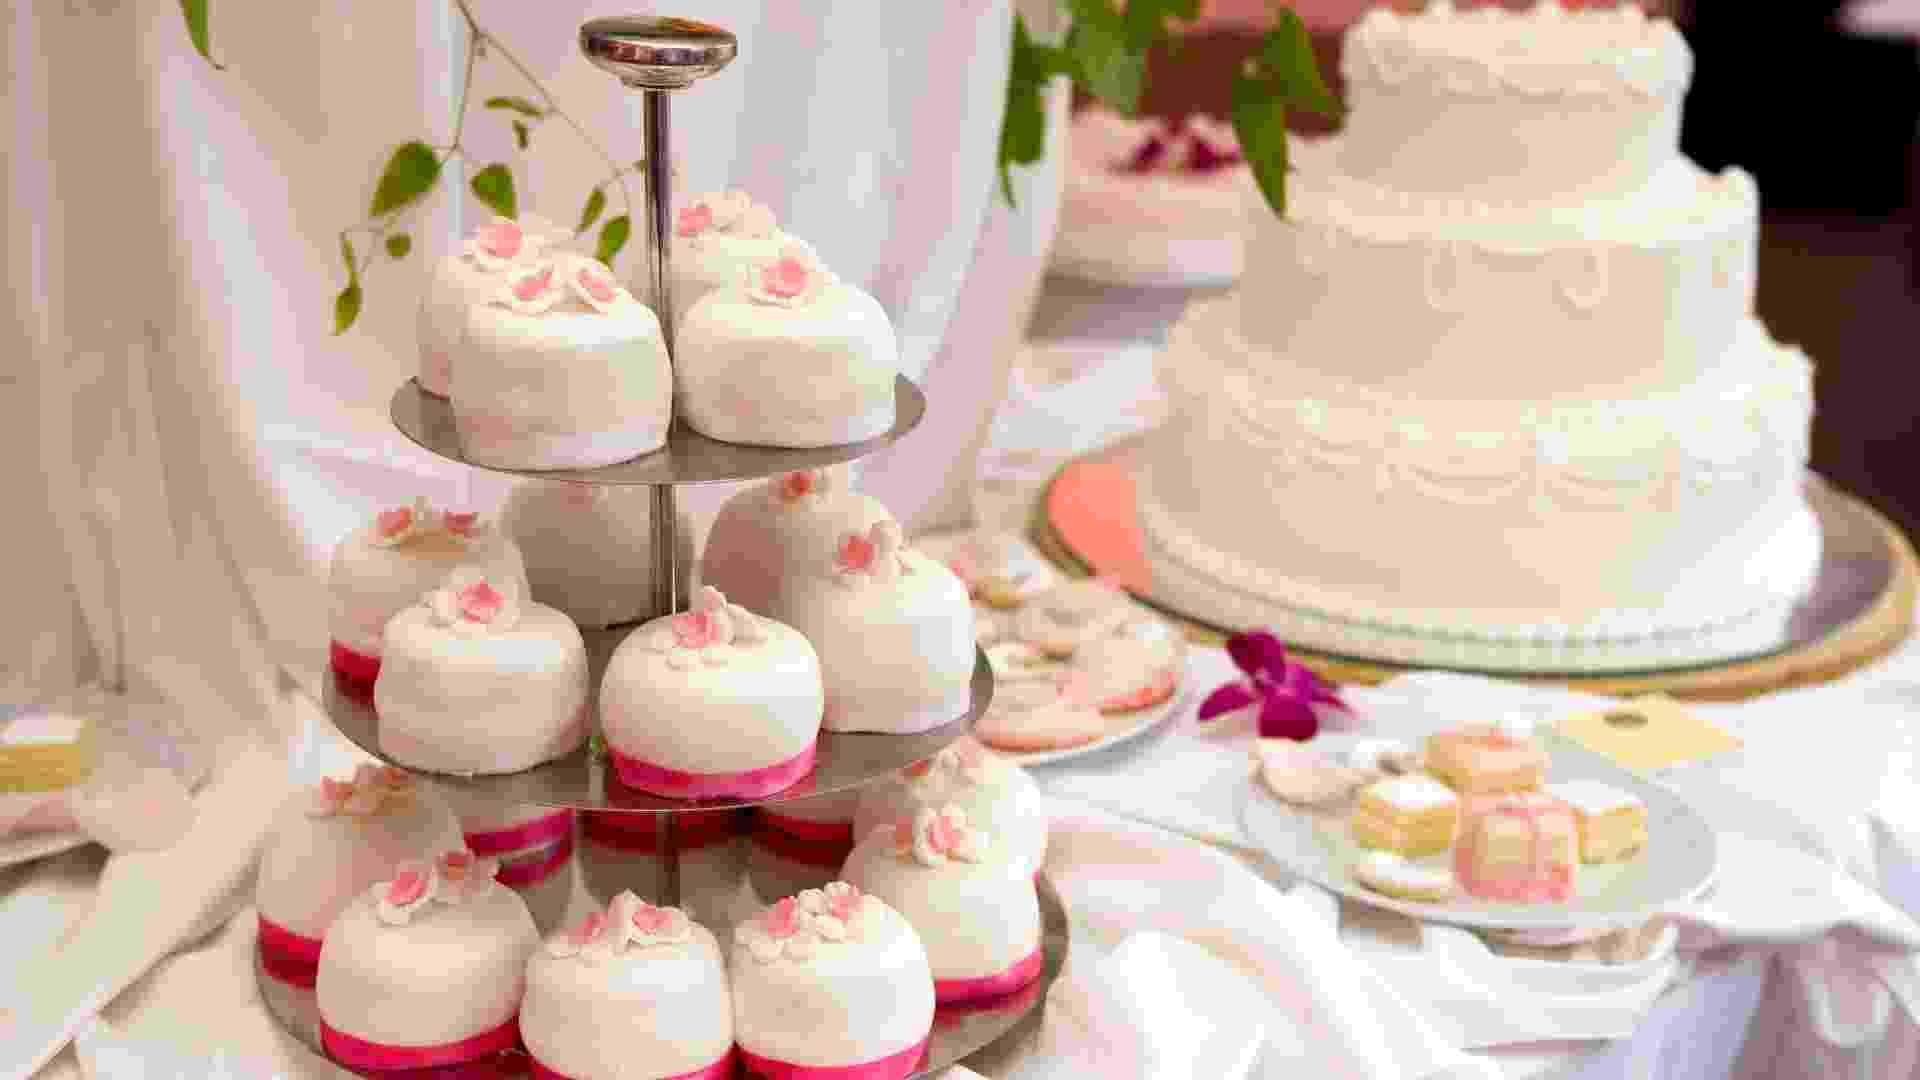 Imagem de matéria de bolo individual para casamento  - Thinkstock